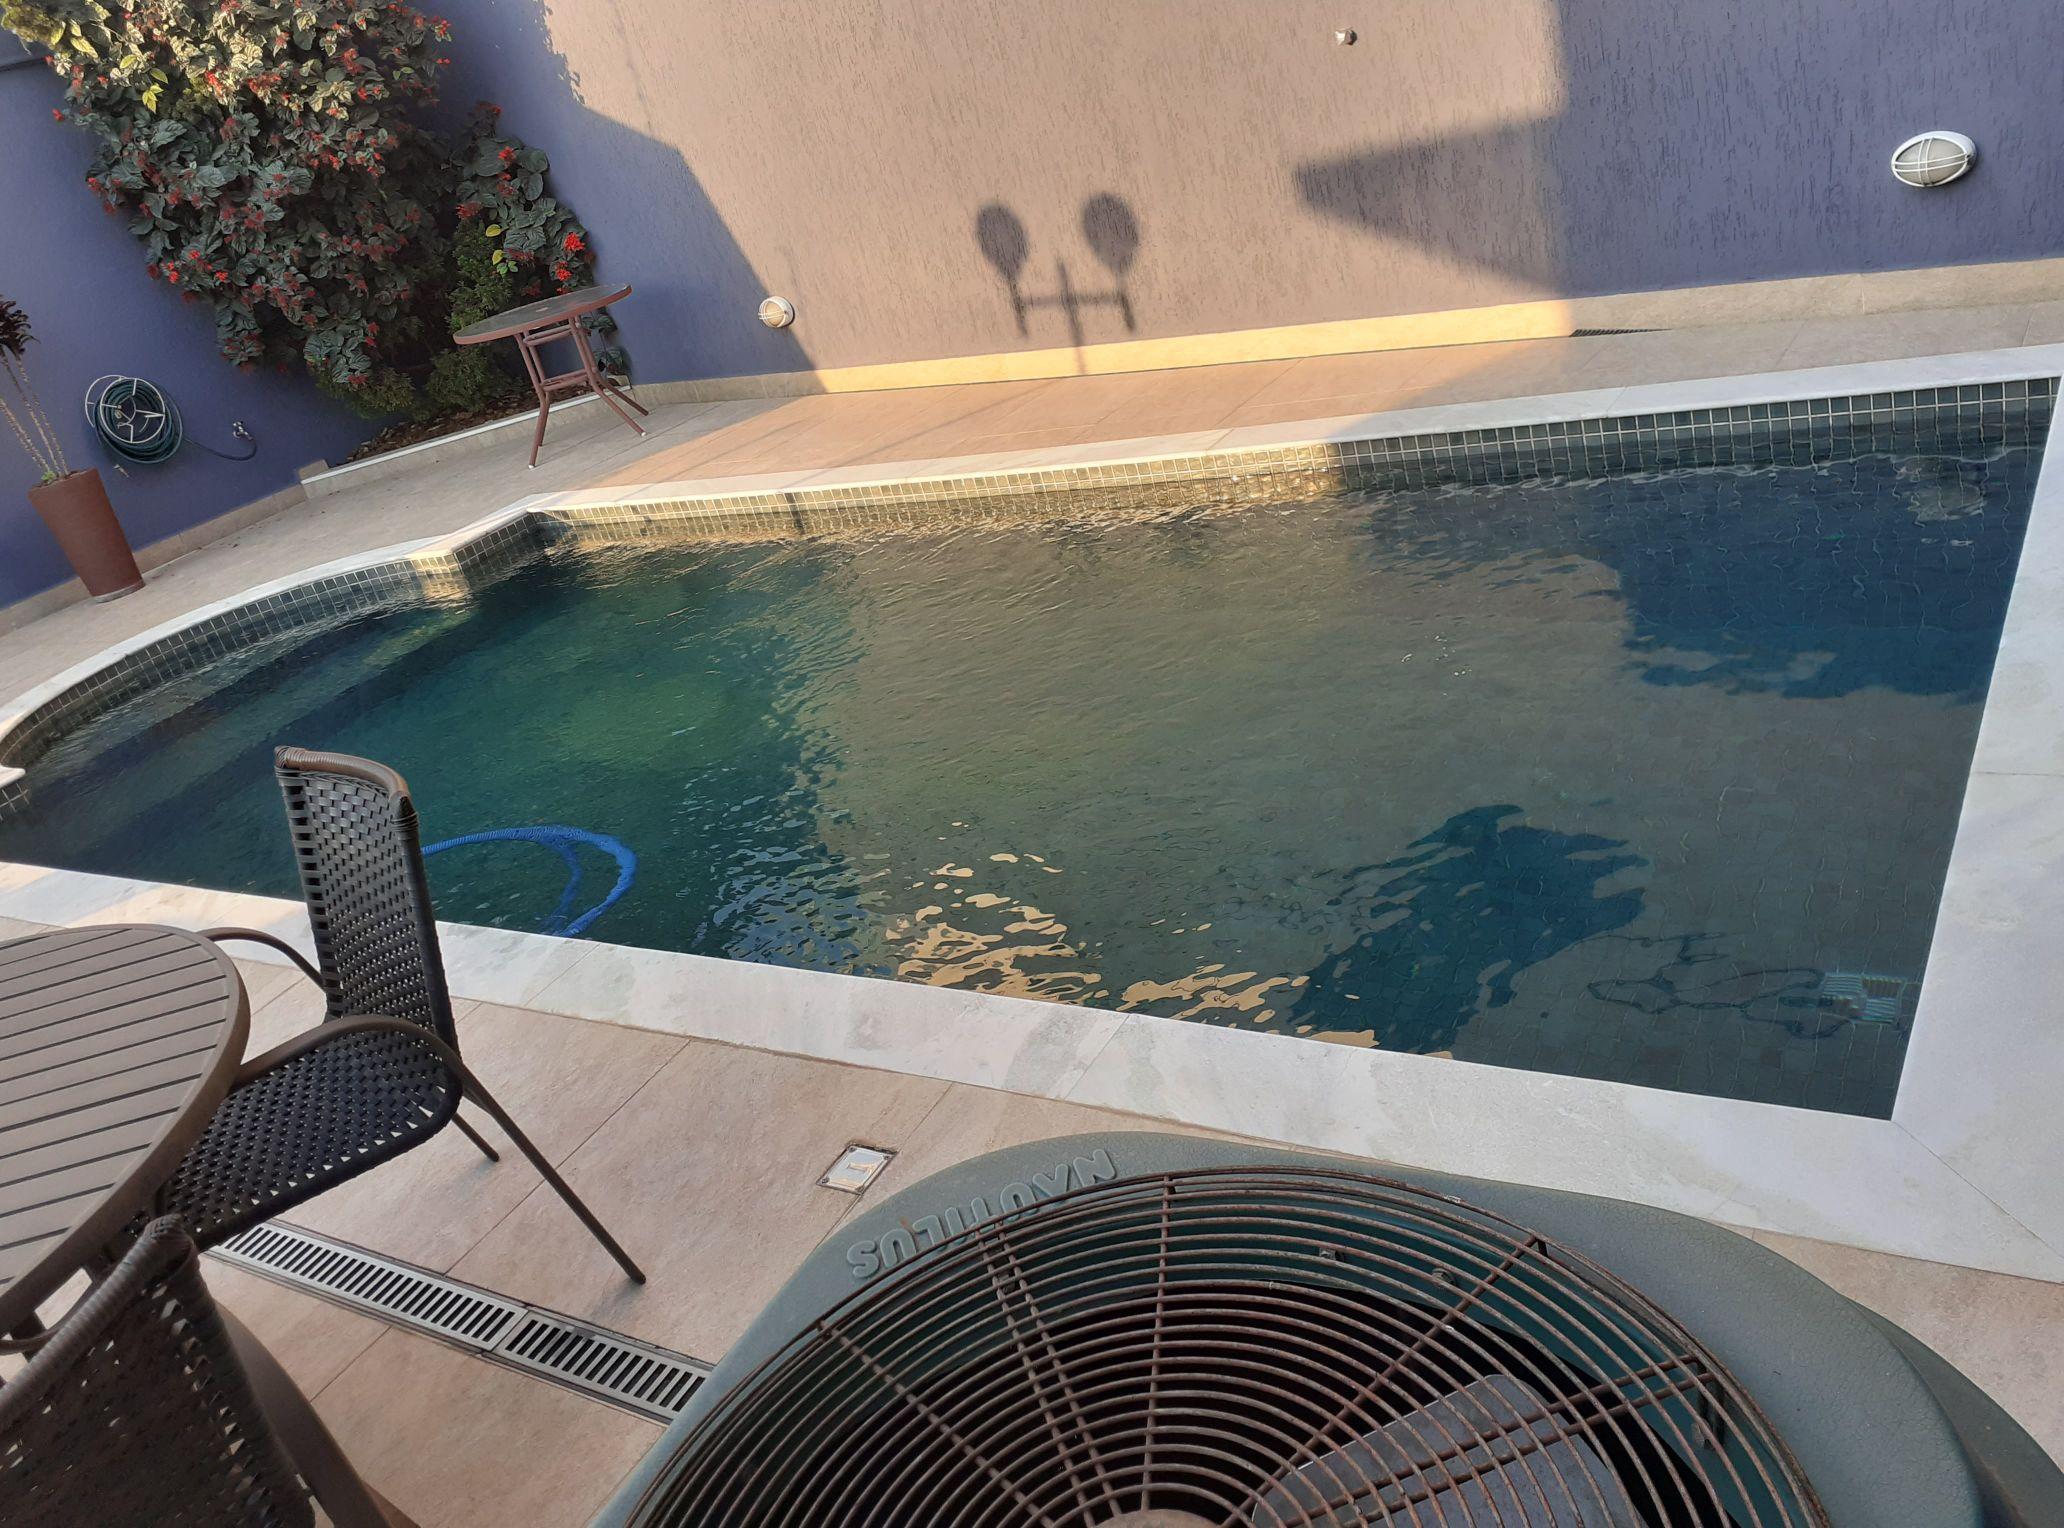 piscina com a água verde